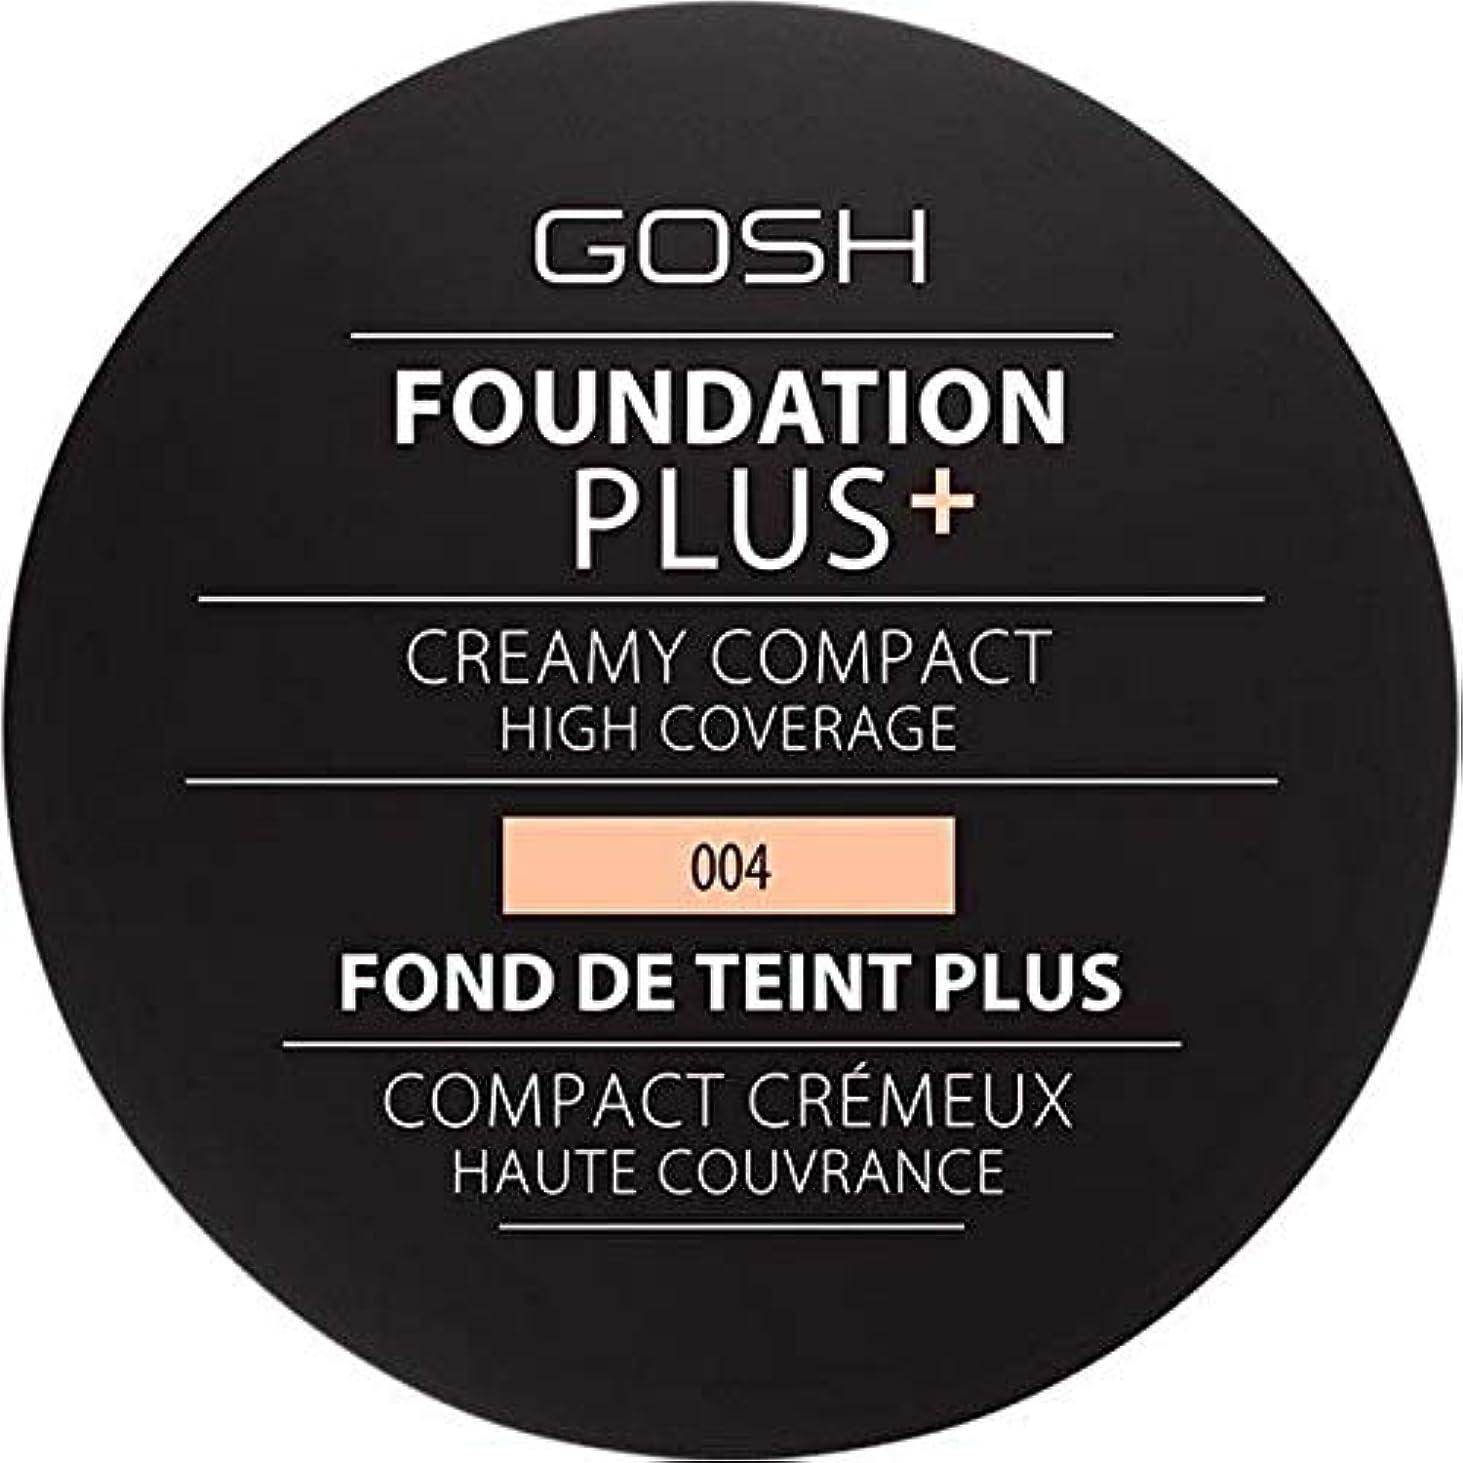 ハーブレインコート言い換えると[GOSH ] 基礎プラス+クリーミーコンパクトな自然004 - Foundation Plus+ Creamy Compact Natural 004 [並行輸入品]